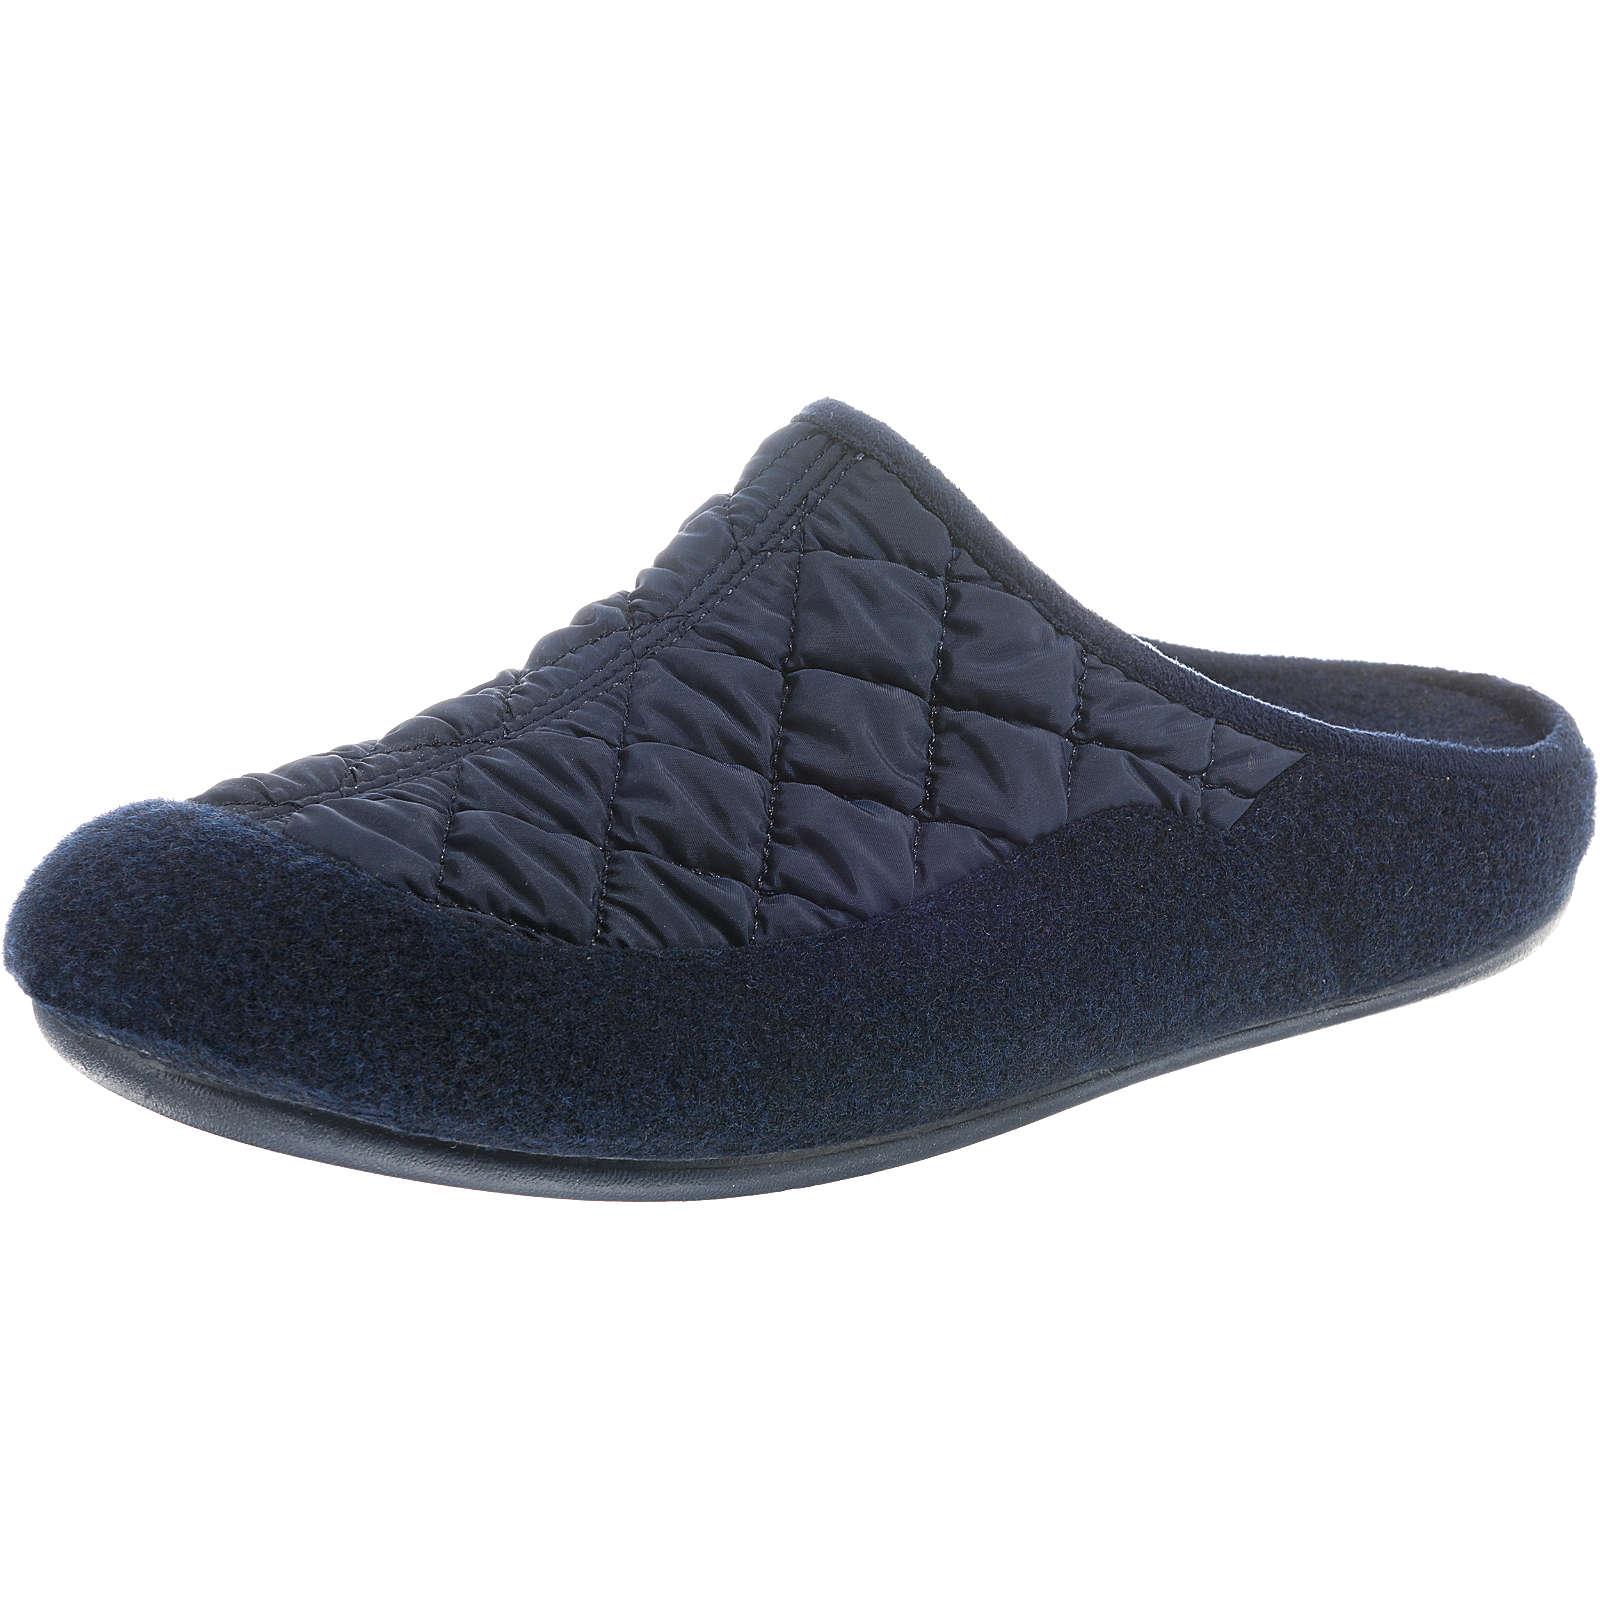 Florett Livia Pantoffeln blau Damen Gr. 36